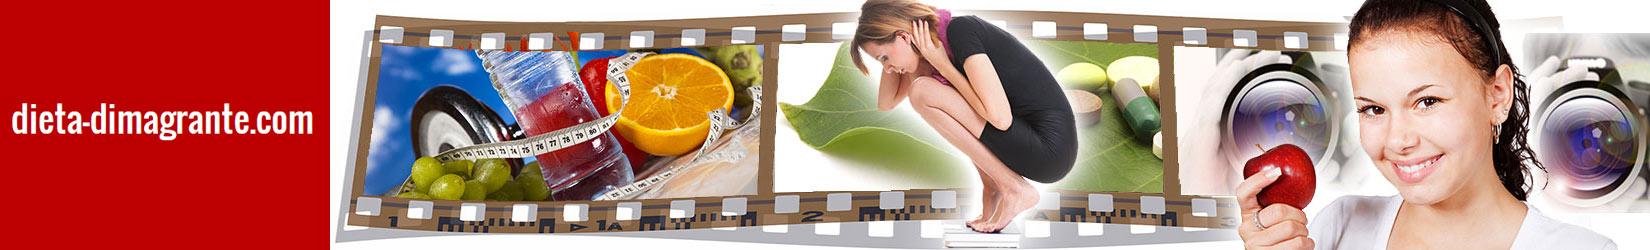 dieta-dimagrante.com